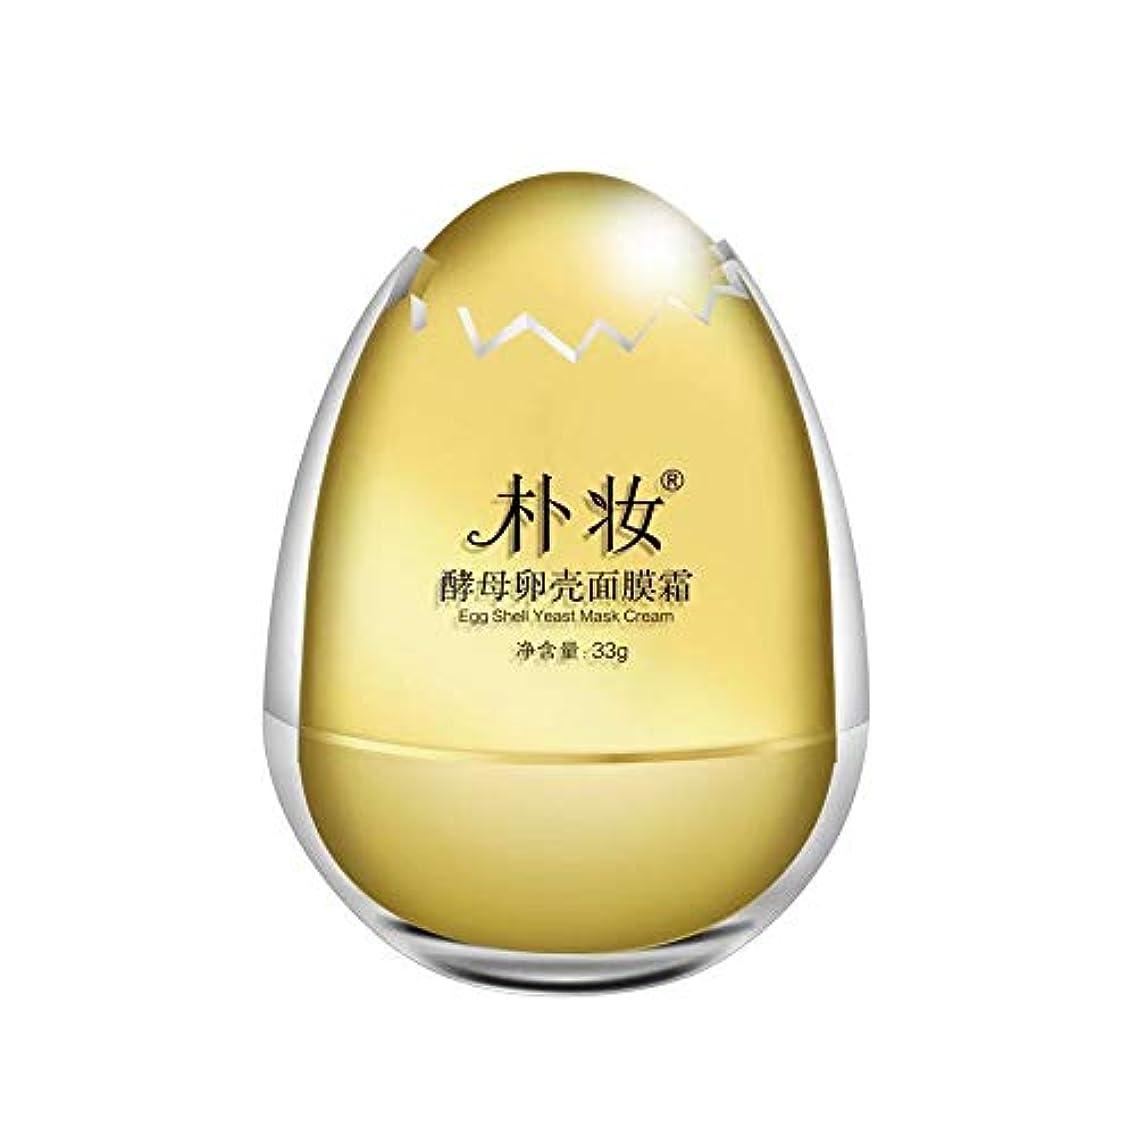 素晴らしい良い多くの豪華な応用朴妆たんたんパック 酵母卵殻マスククリーム33g しっとりと た肌,シュリンクポア,しわ耐性,肌を引っ張る、